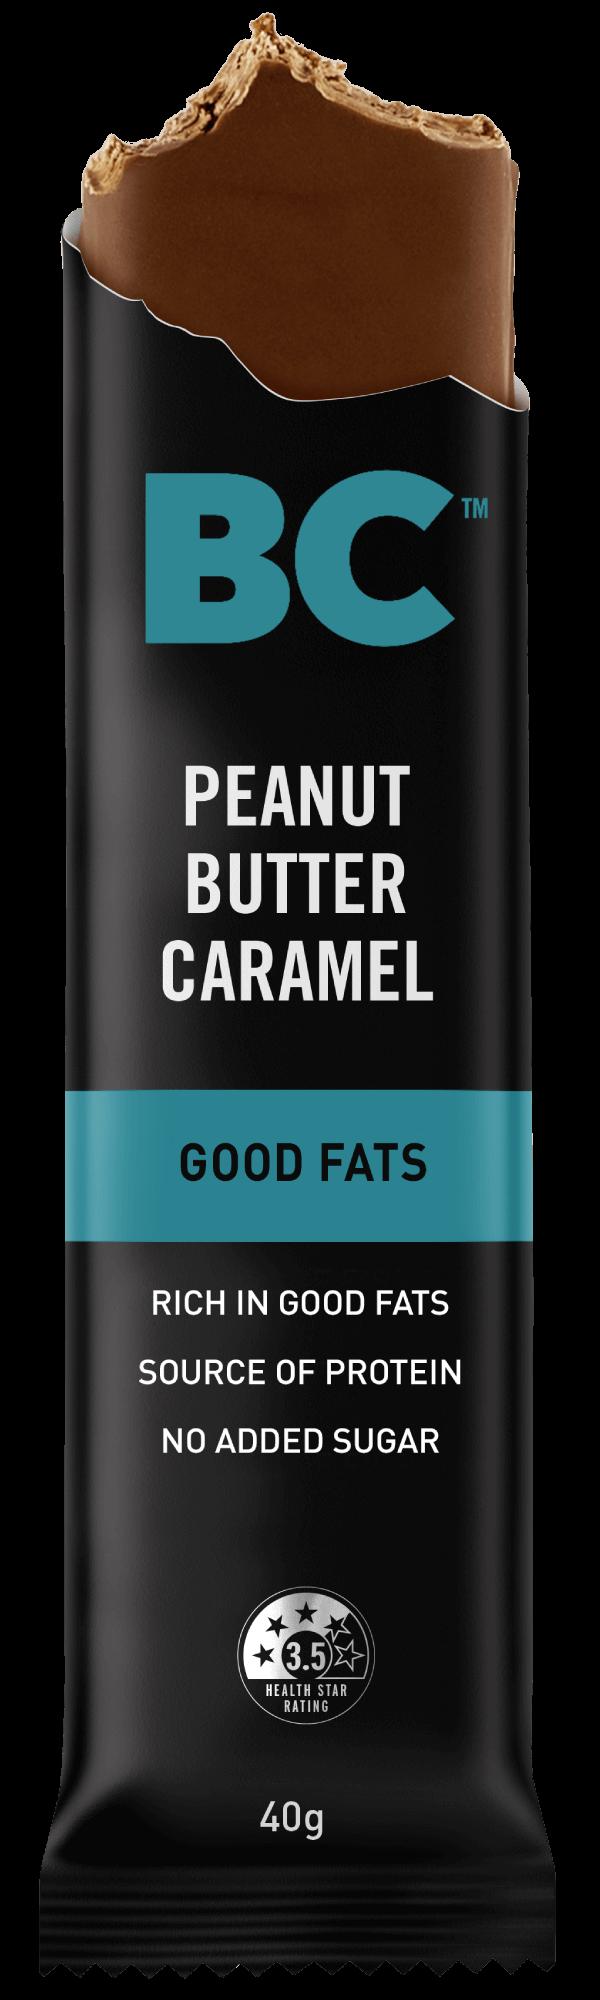 Peanut Butter Caramel Good Fats Bar 40g